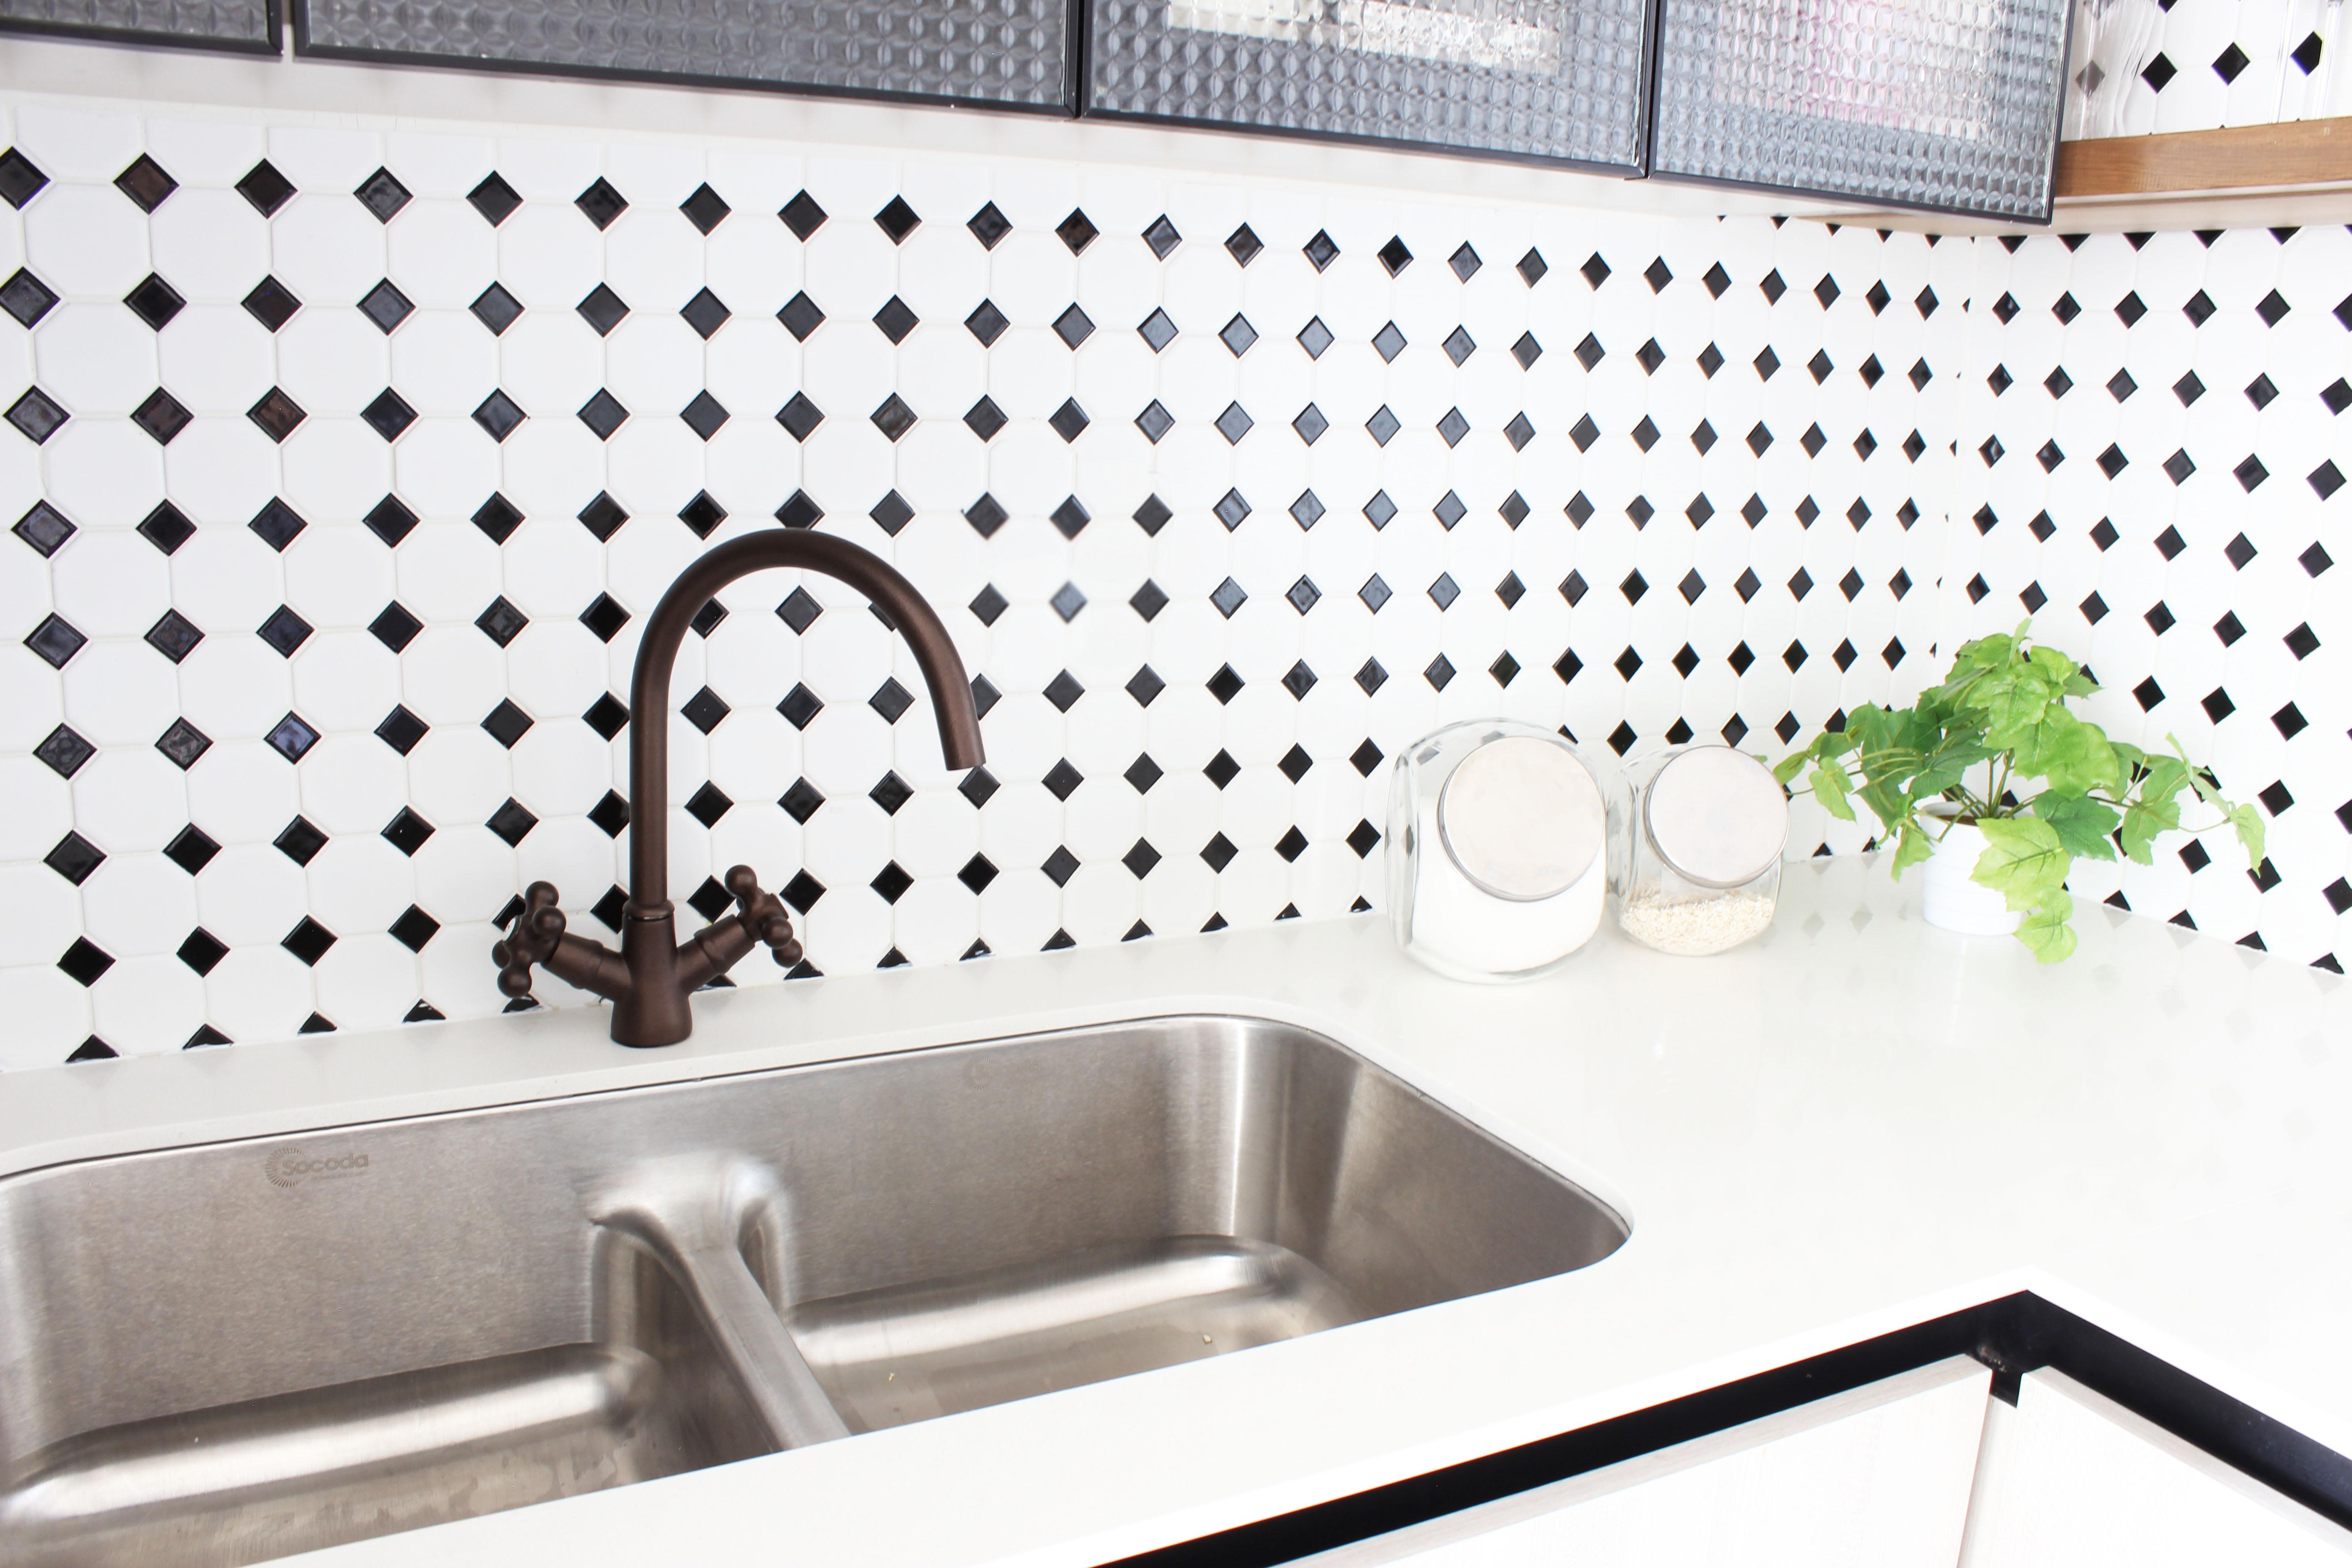 Mezclador de lavaplatos